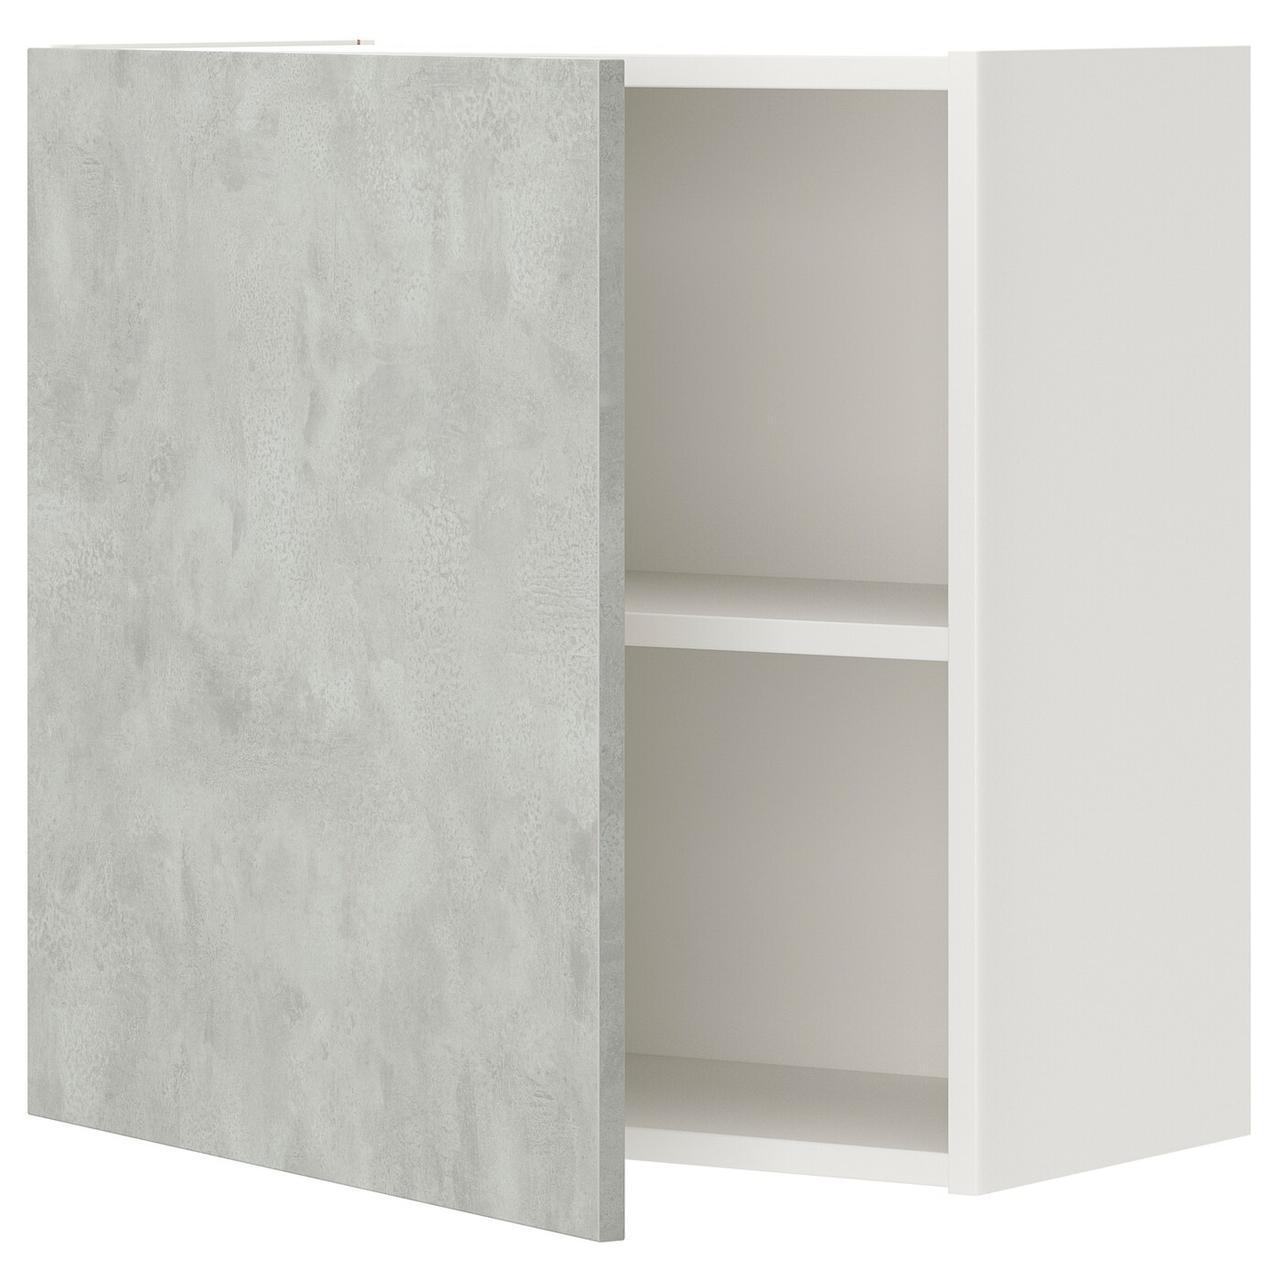 ENHET ЕНХЕТ Настенный шкаф с мебель1Полки / дверцами 60x32x60 см